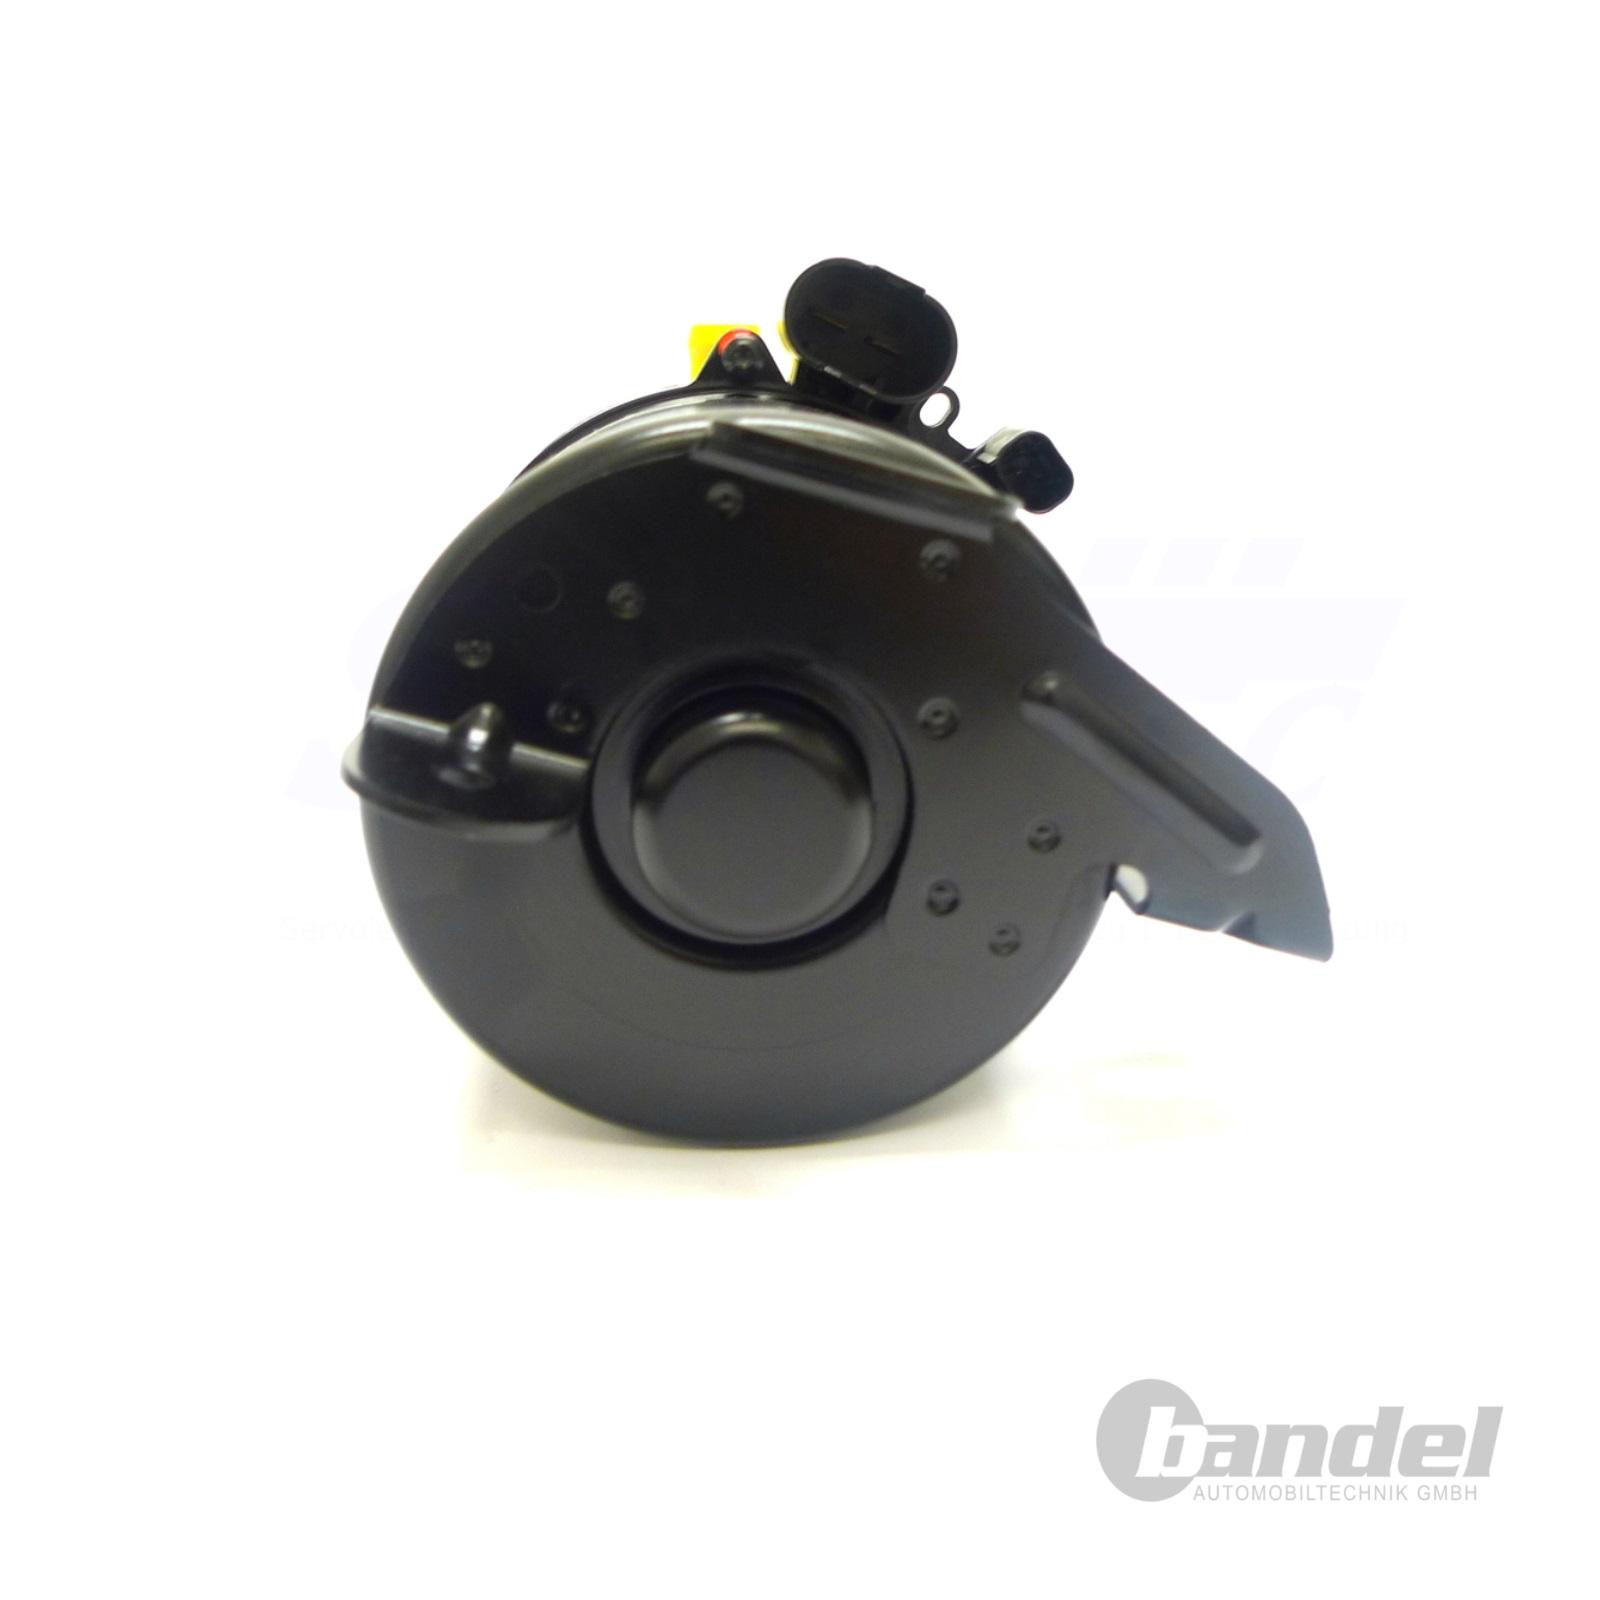 servopumpe mini mini cooper one works elektrische hydraulische pumpe ebay. Black Bedroom Furniture Sets. Home Design Ideas